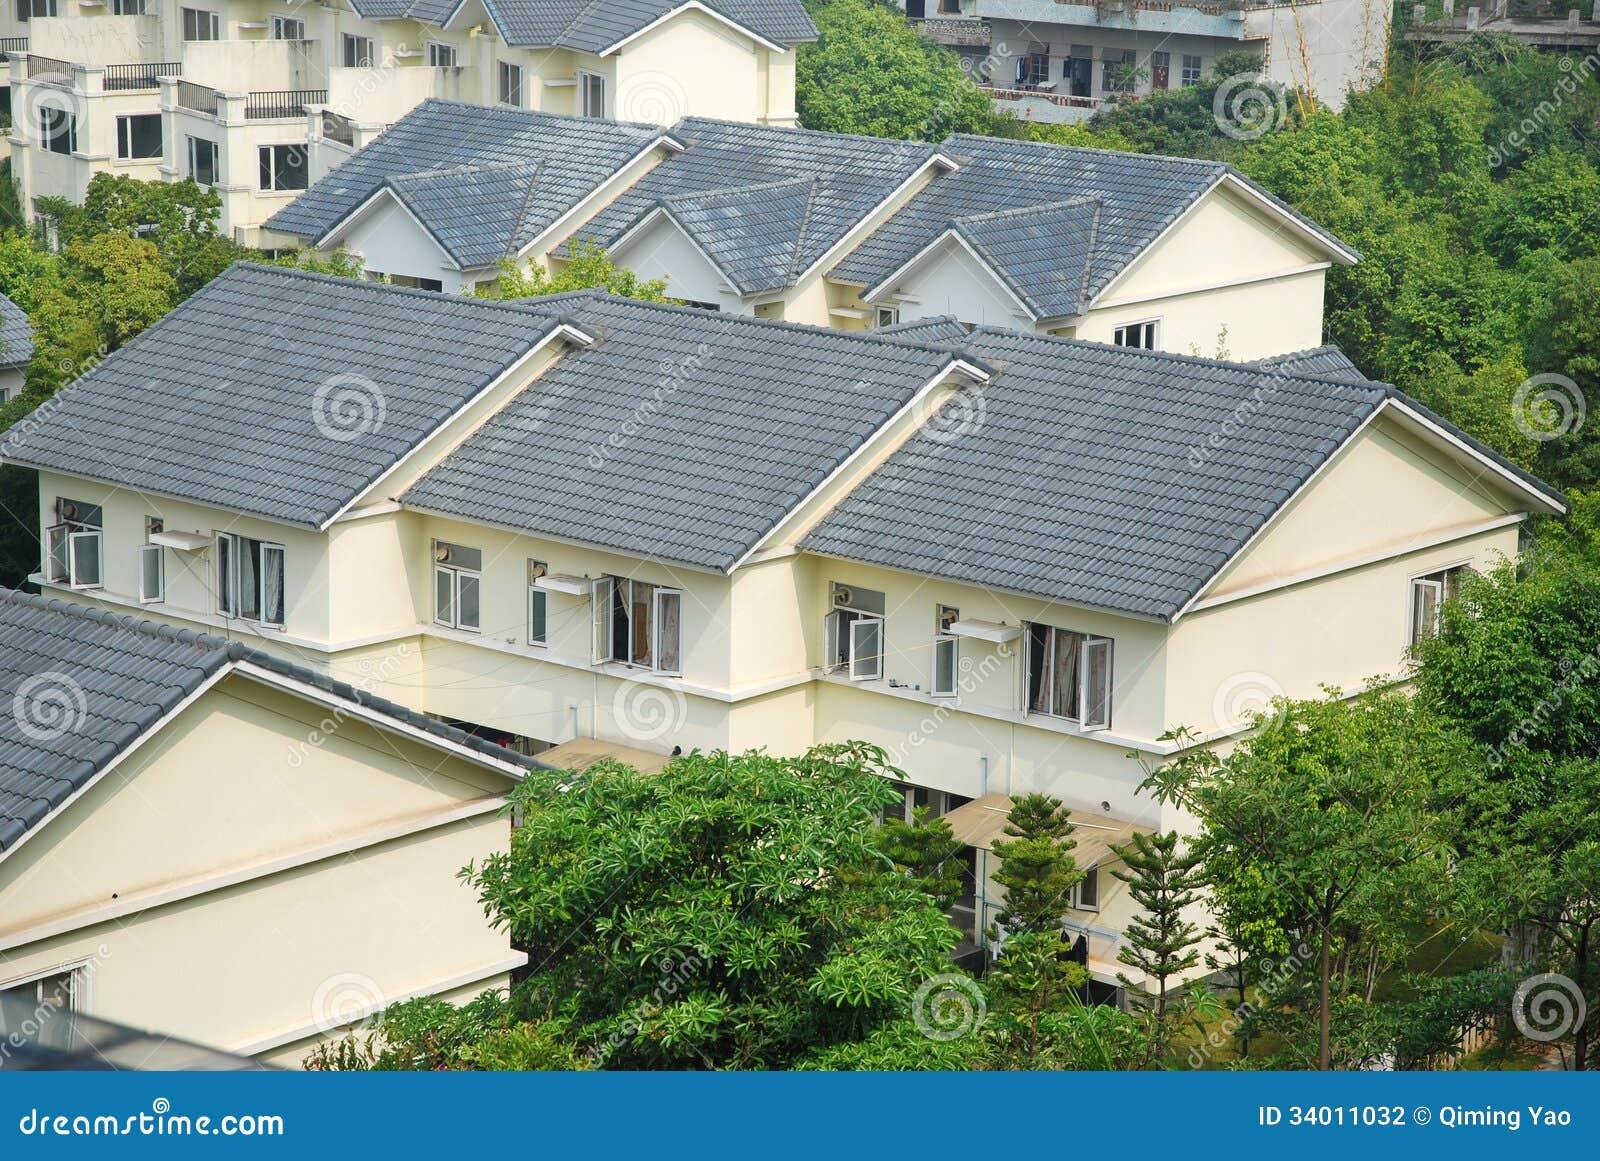 Casa de campo simples fotografia de stock imagem 34011032 - Casas de campo baratas ...